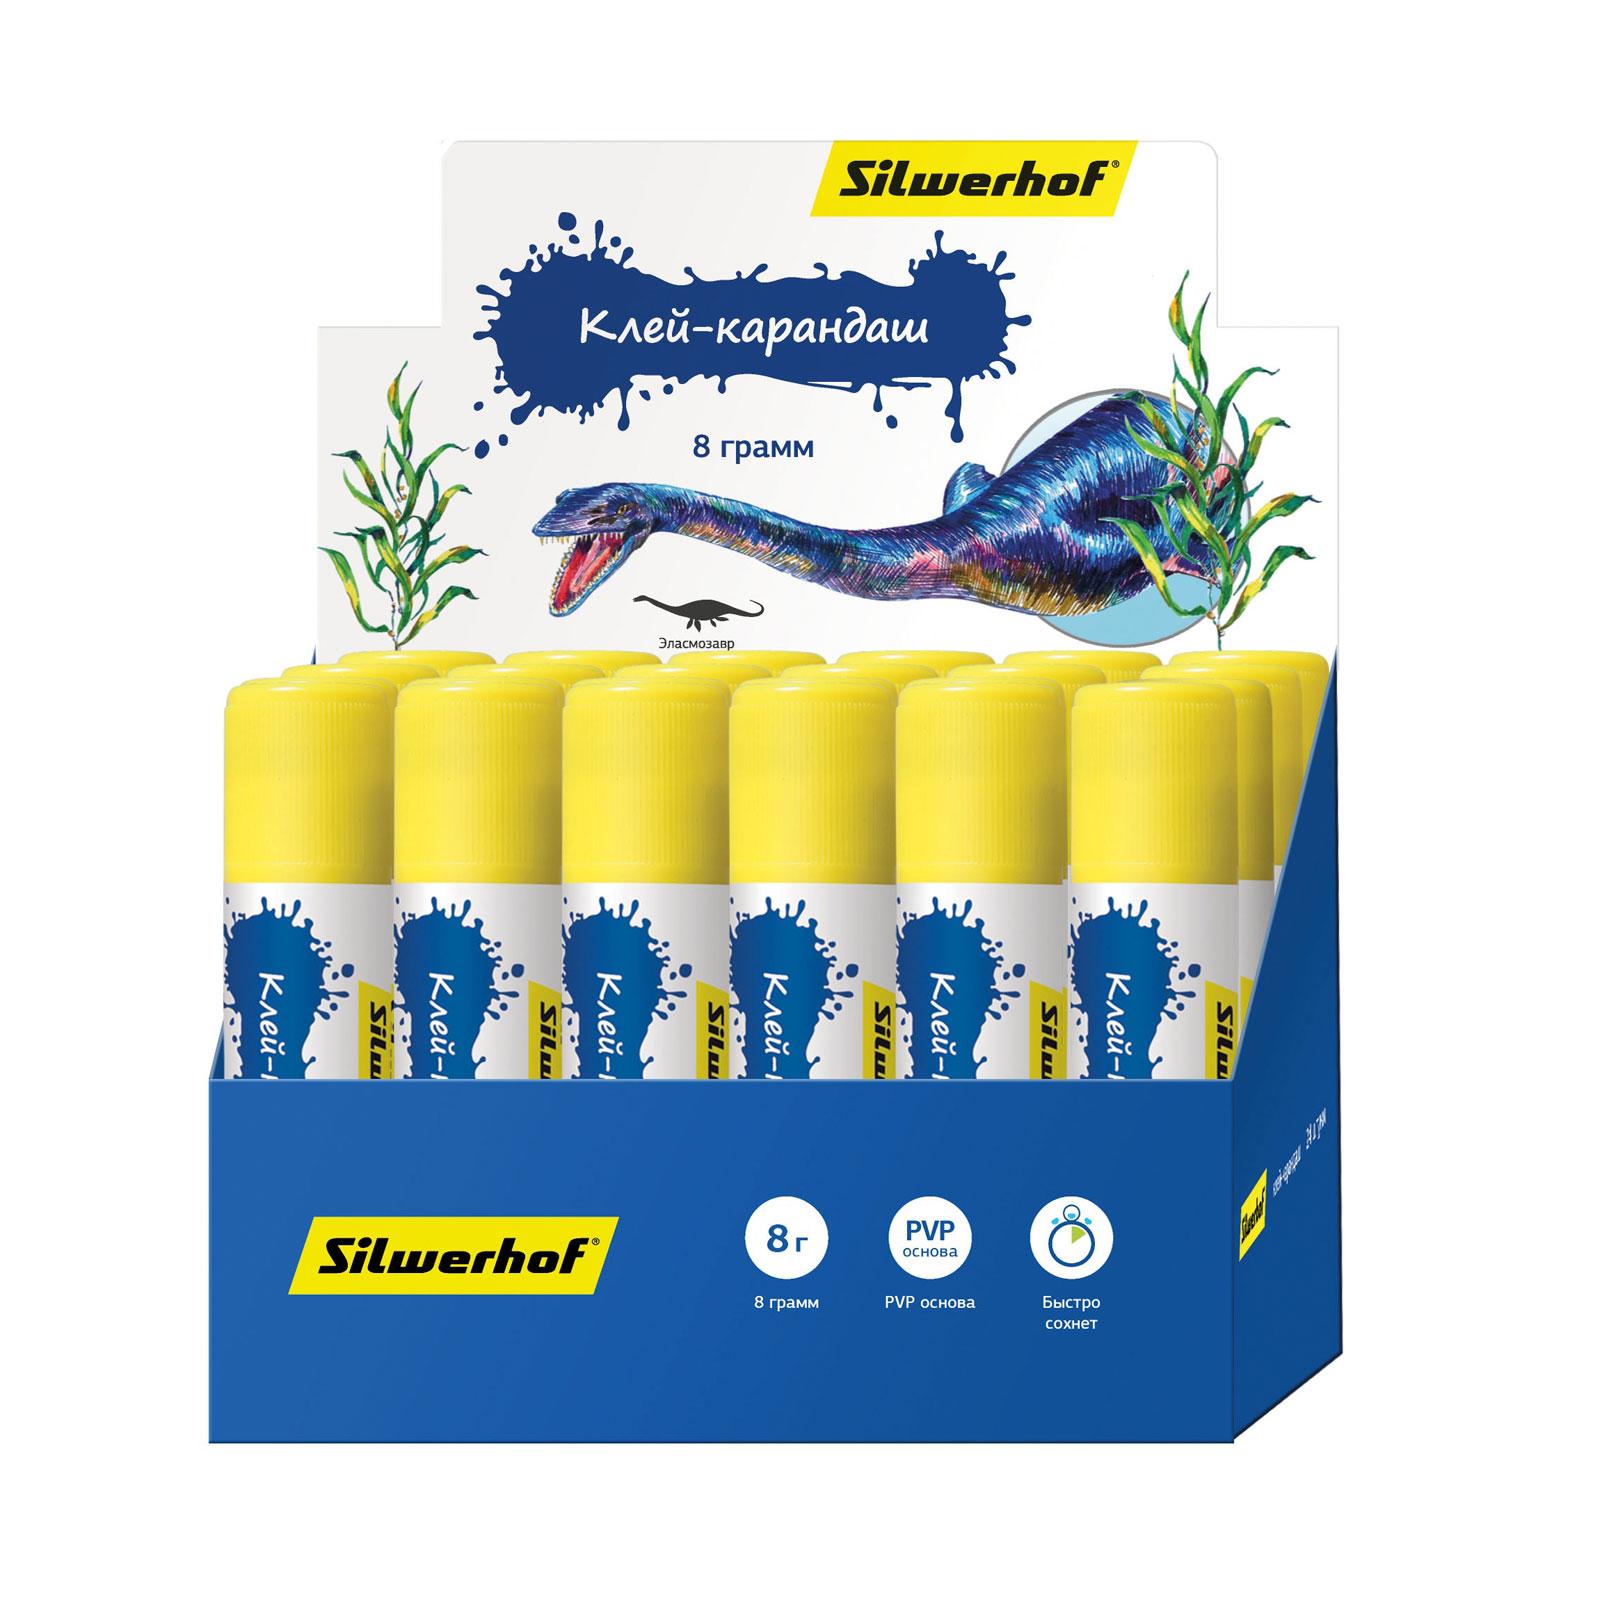 Клей-карандаш Silwerhof 8 гр Динозавры<br>